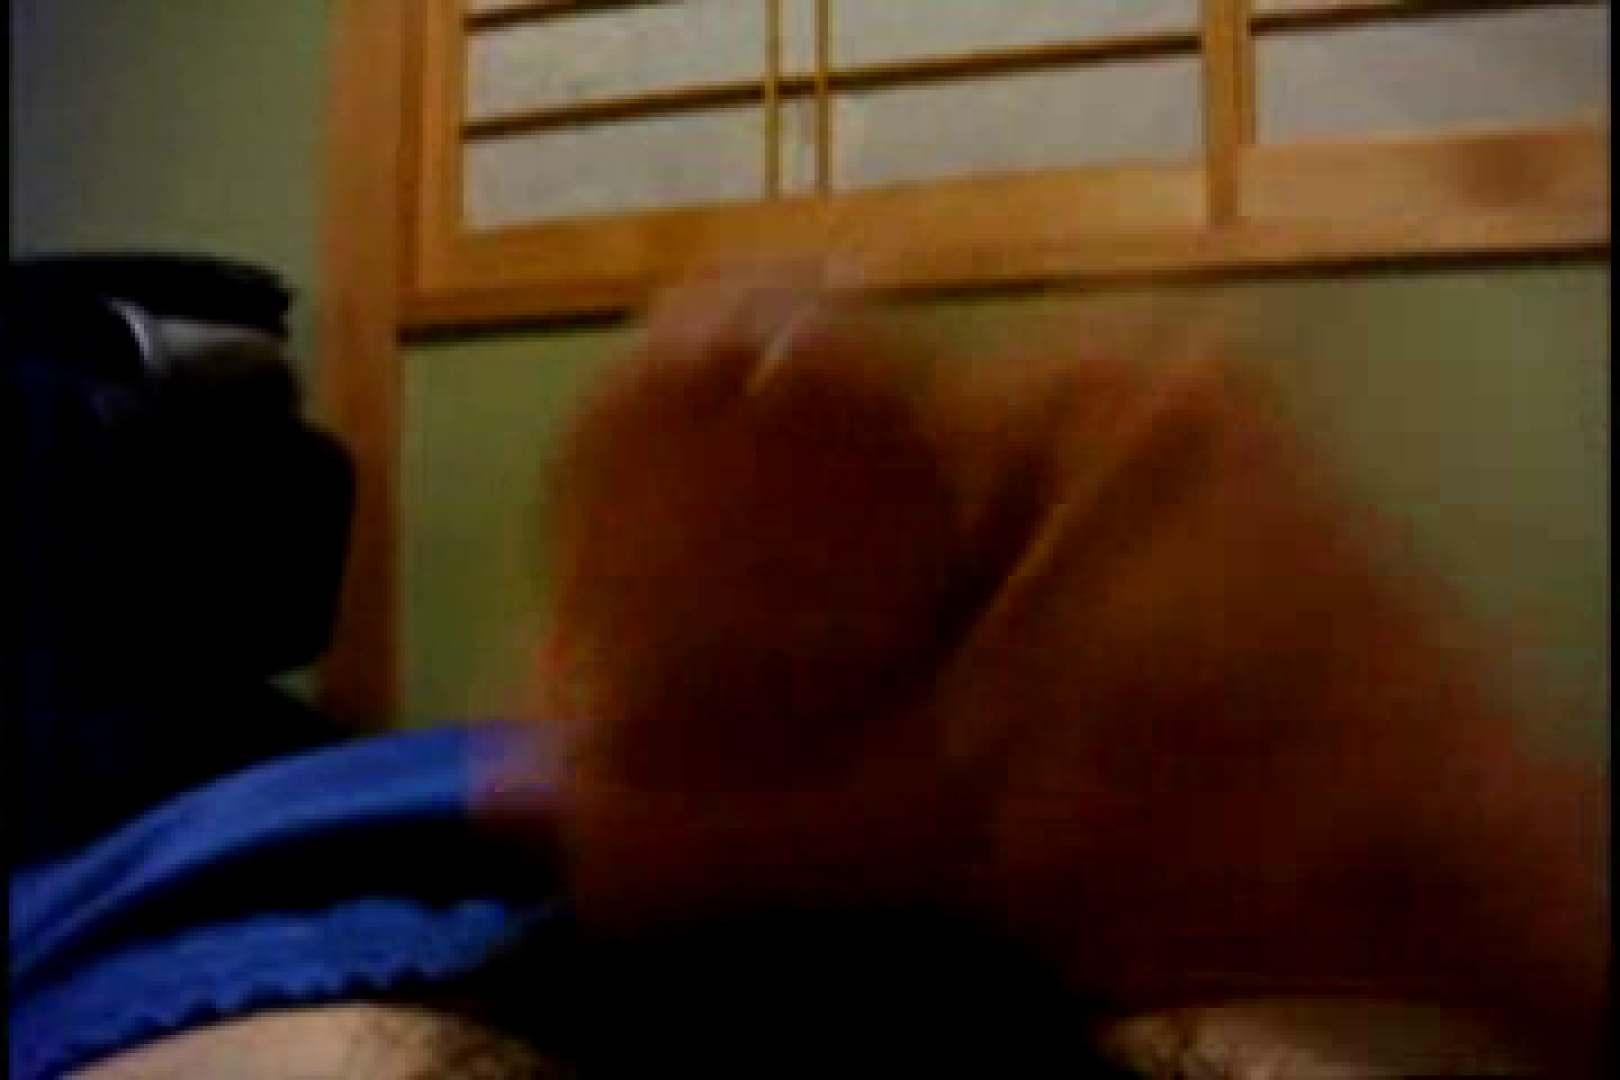 オナ好きノンケテニス部員の自画撮り投稿vol.02 流出  104pic 38